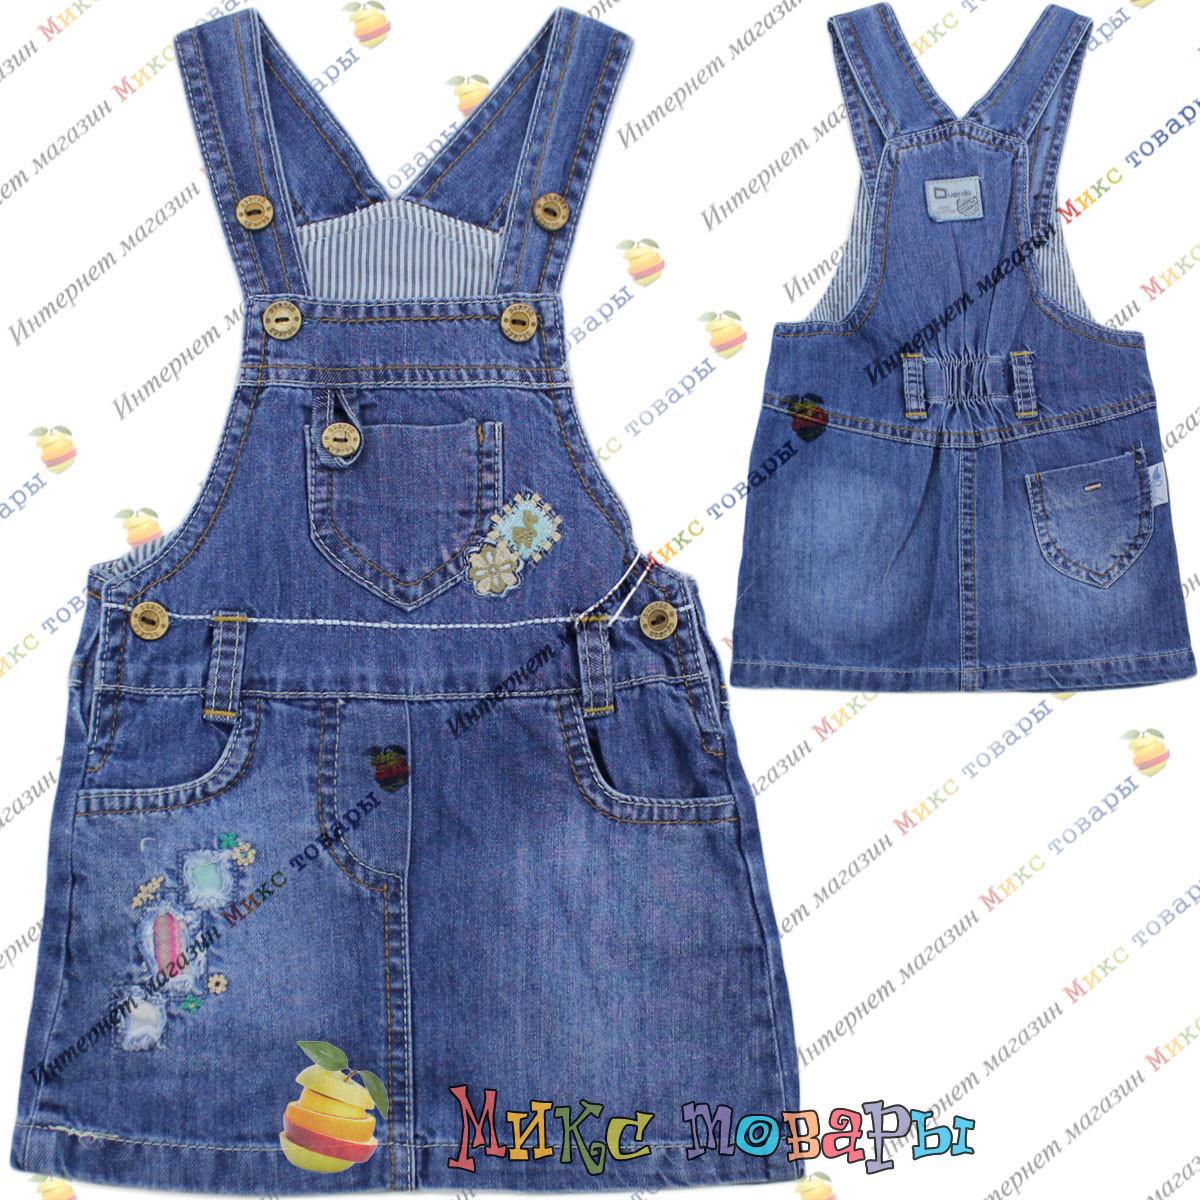 0932f438037 Джинсовый сарафан для девочки Возраст  12 и 18 месяцев (4044) - Покупай.